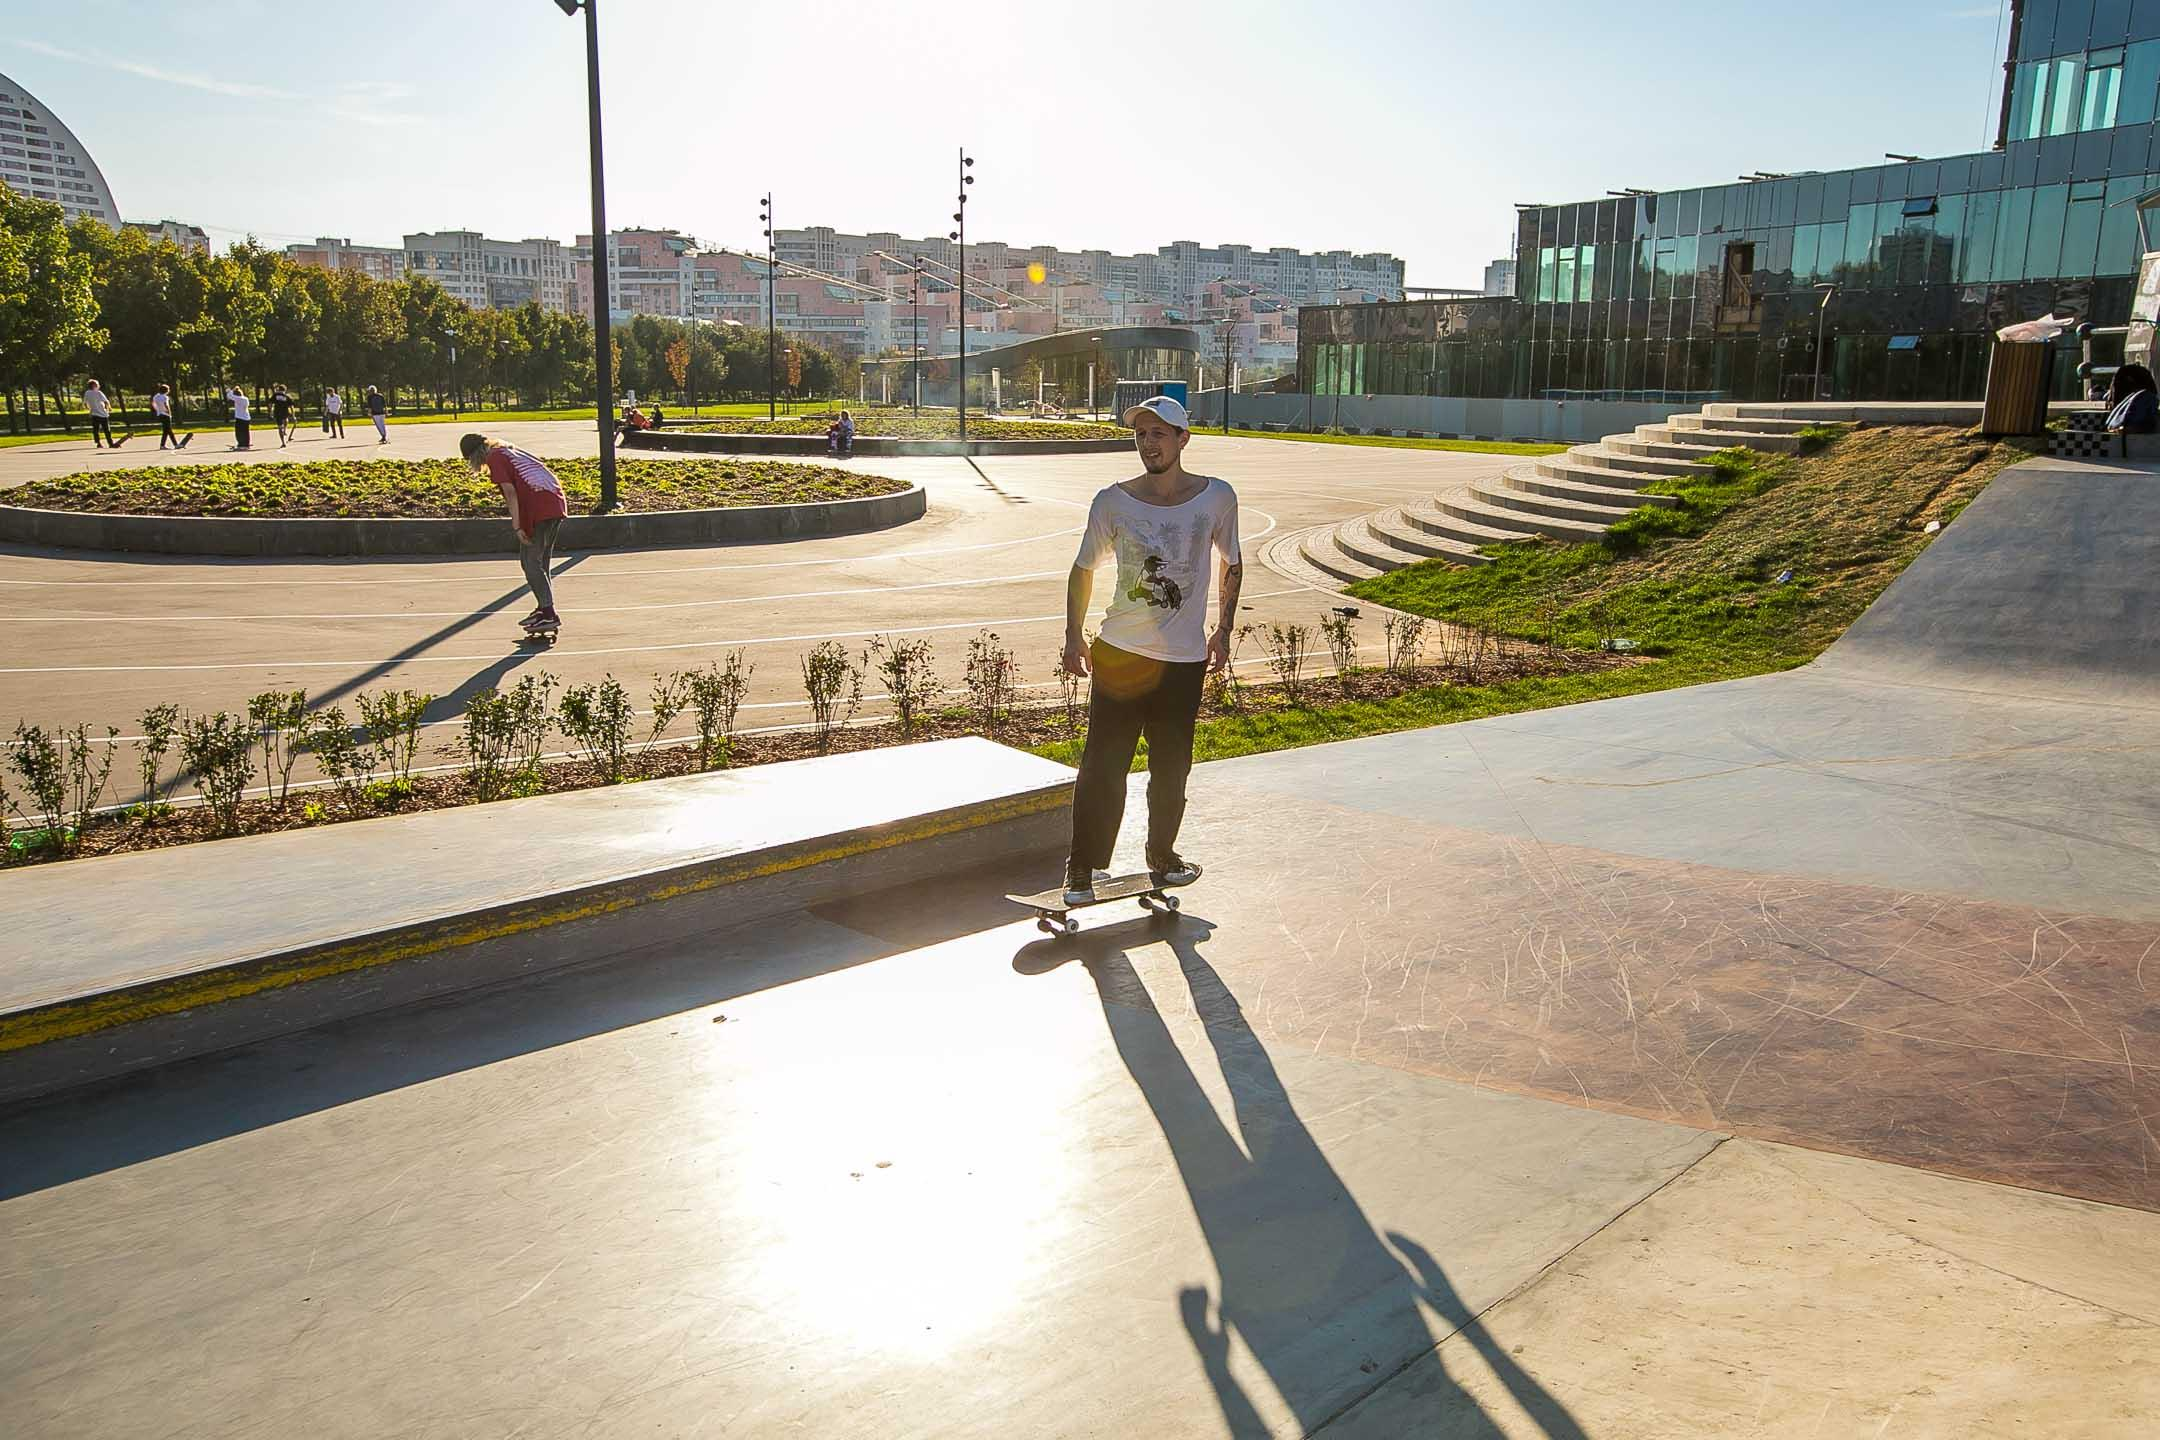 Скейт-парк на Ходынке